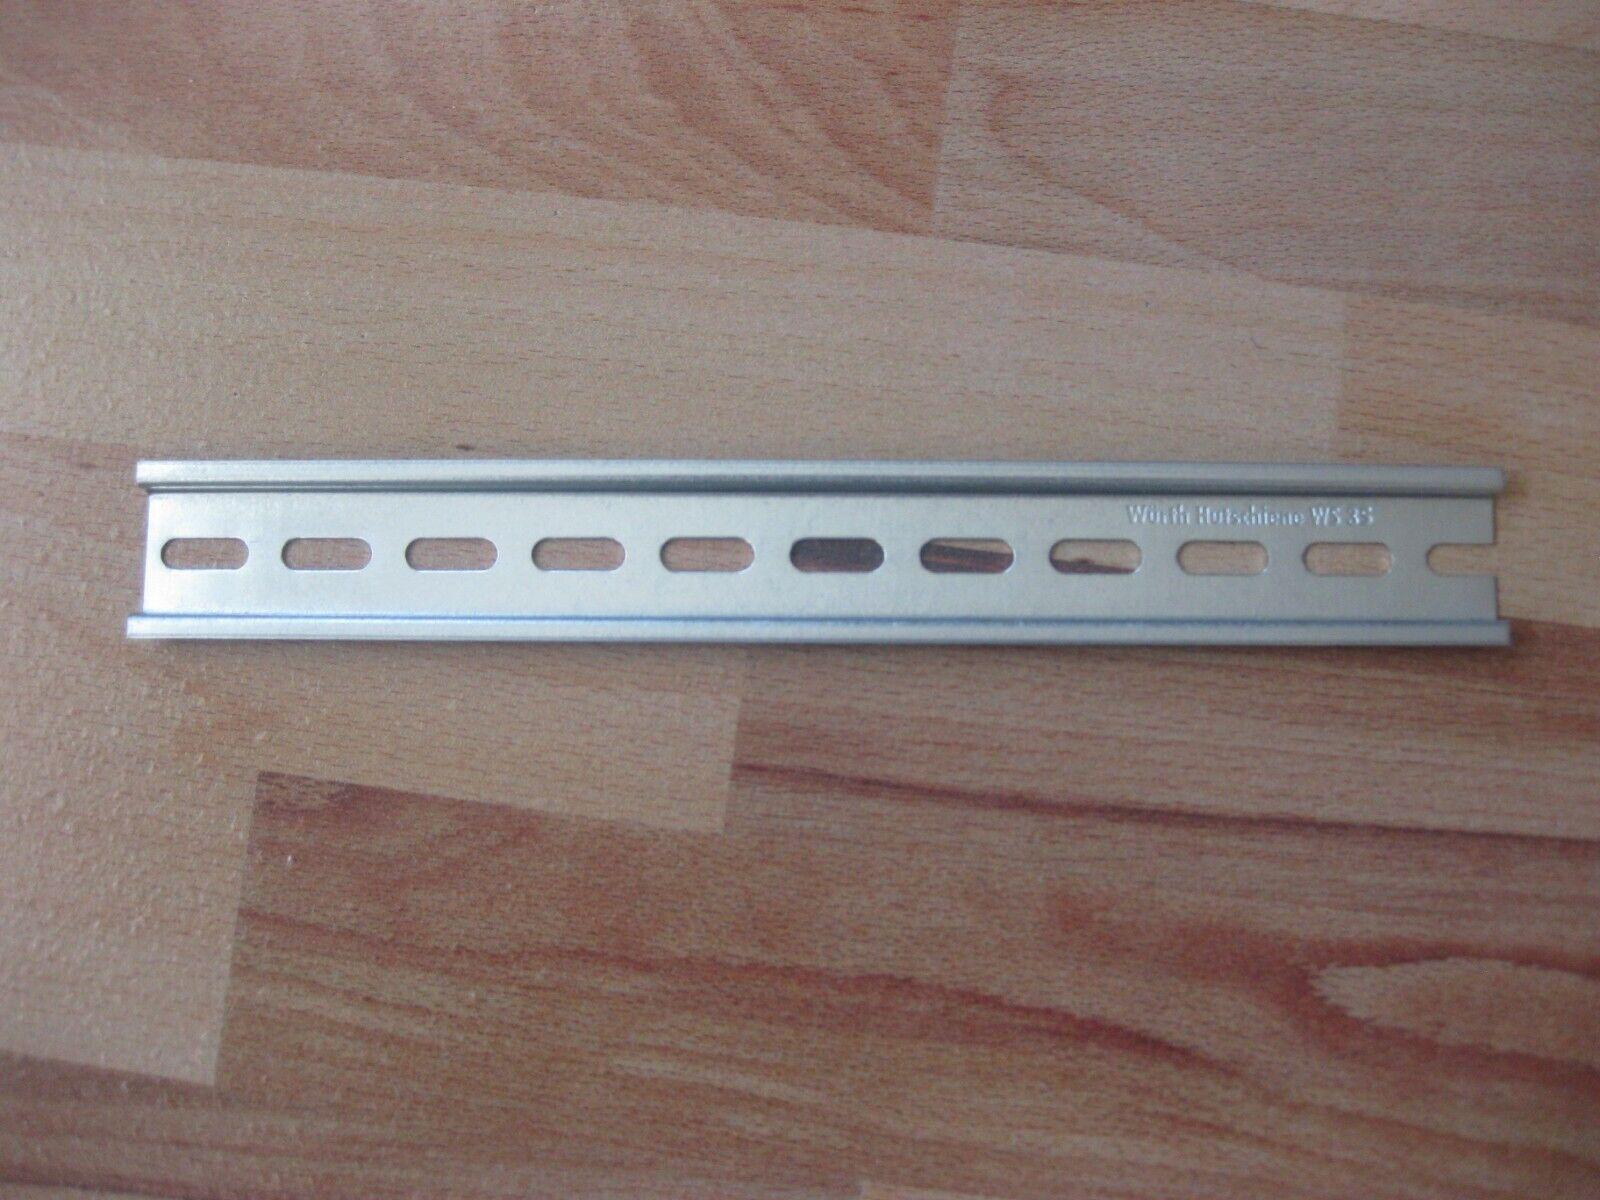 1 St. Würth Hutschiene WS 35 mm gelocht verzinkt 22,2 cm lang / 7,5 mm Höhe